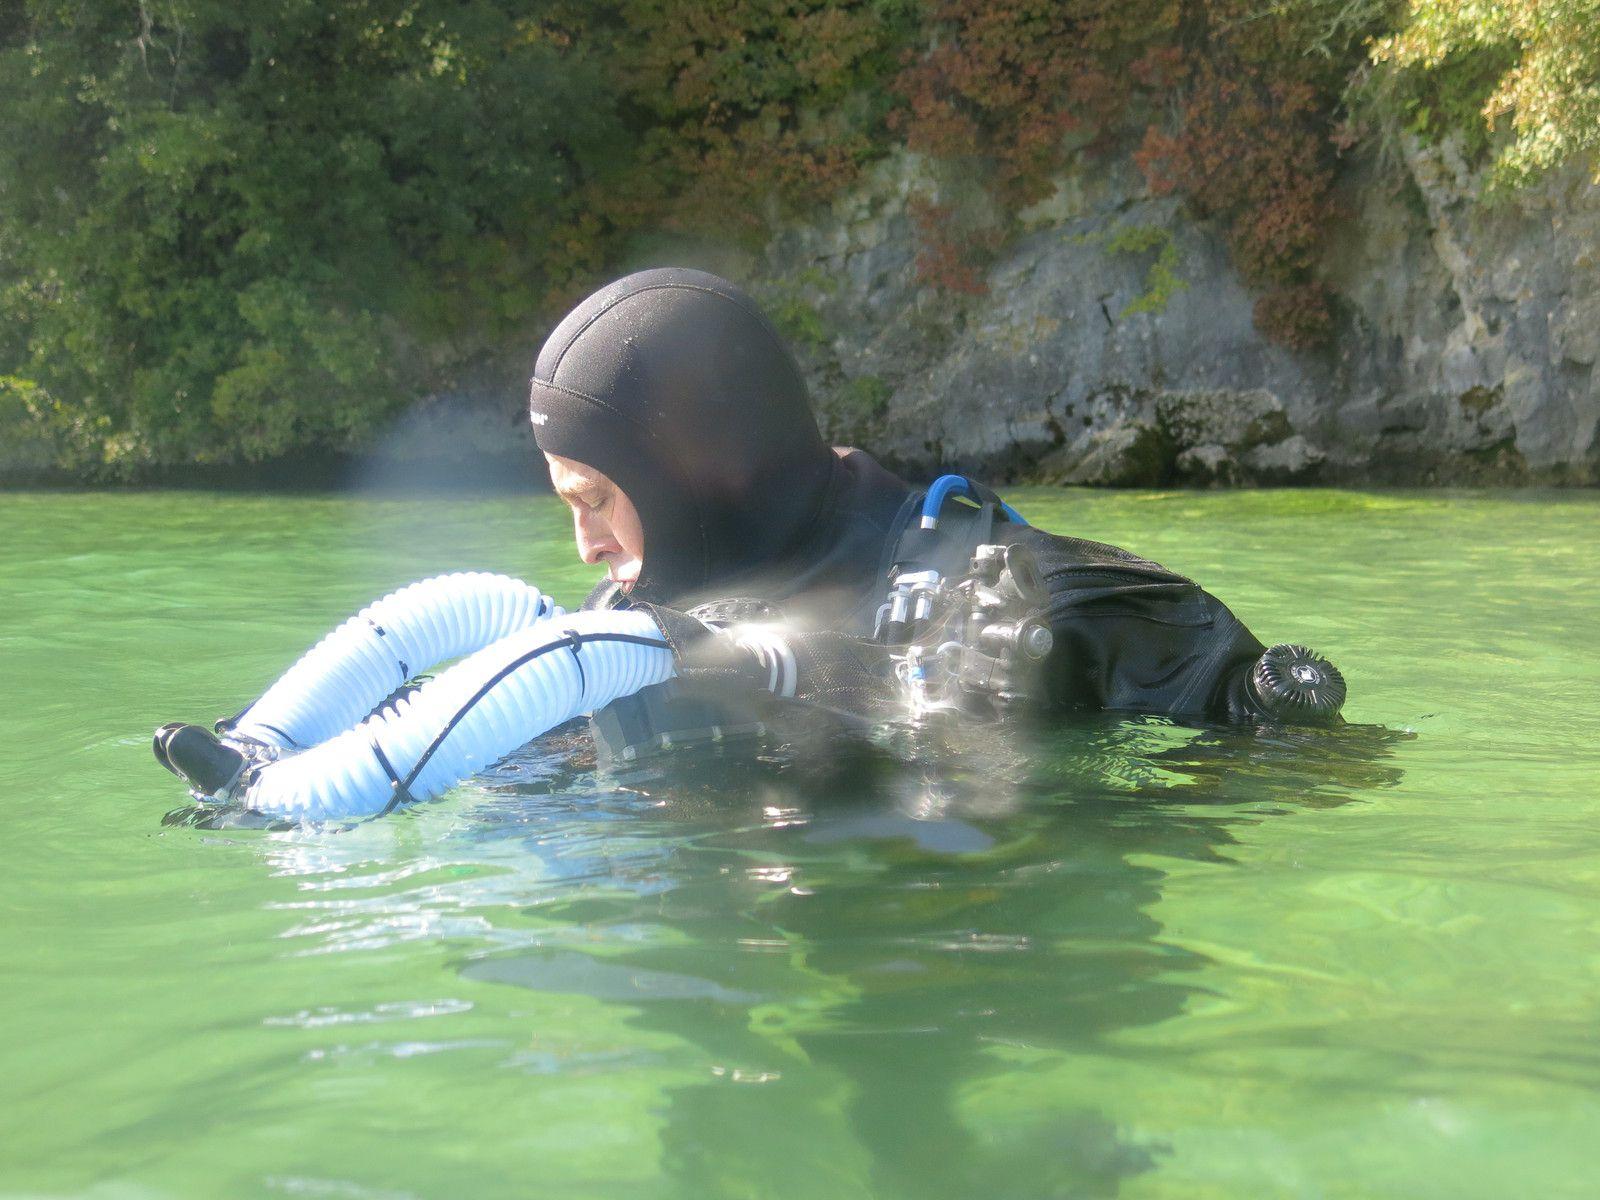 Stéphane se prépare à l'immersion, Triton sur la poitrine.